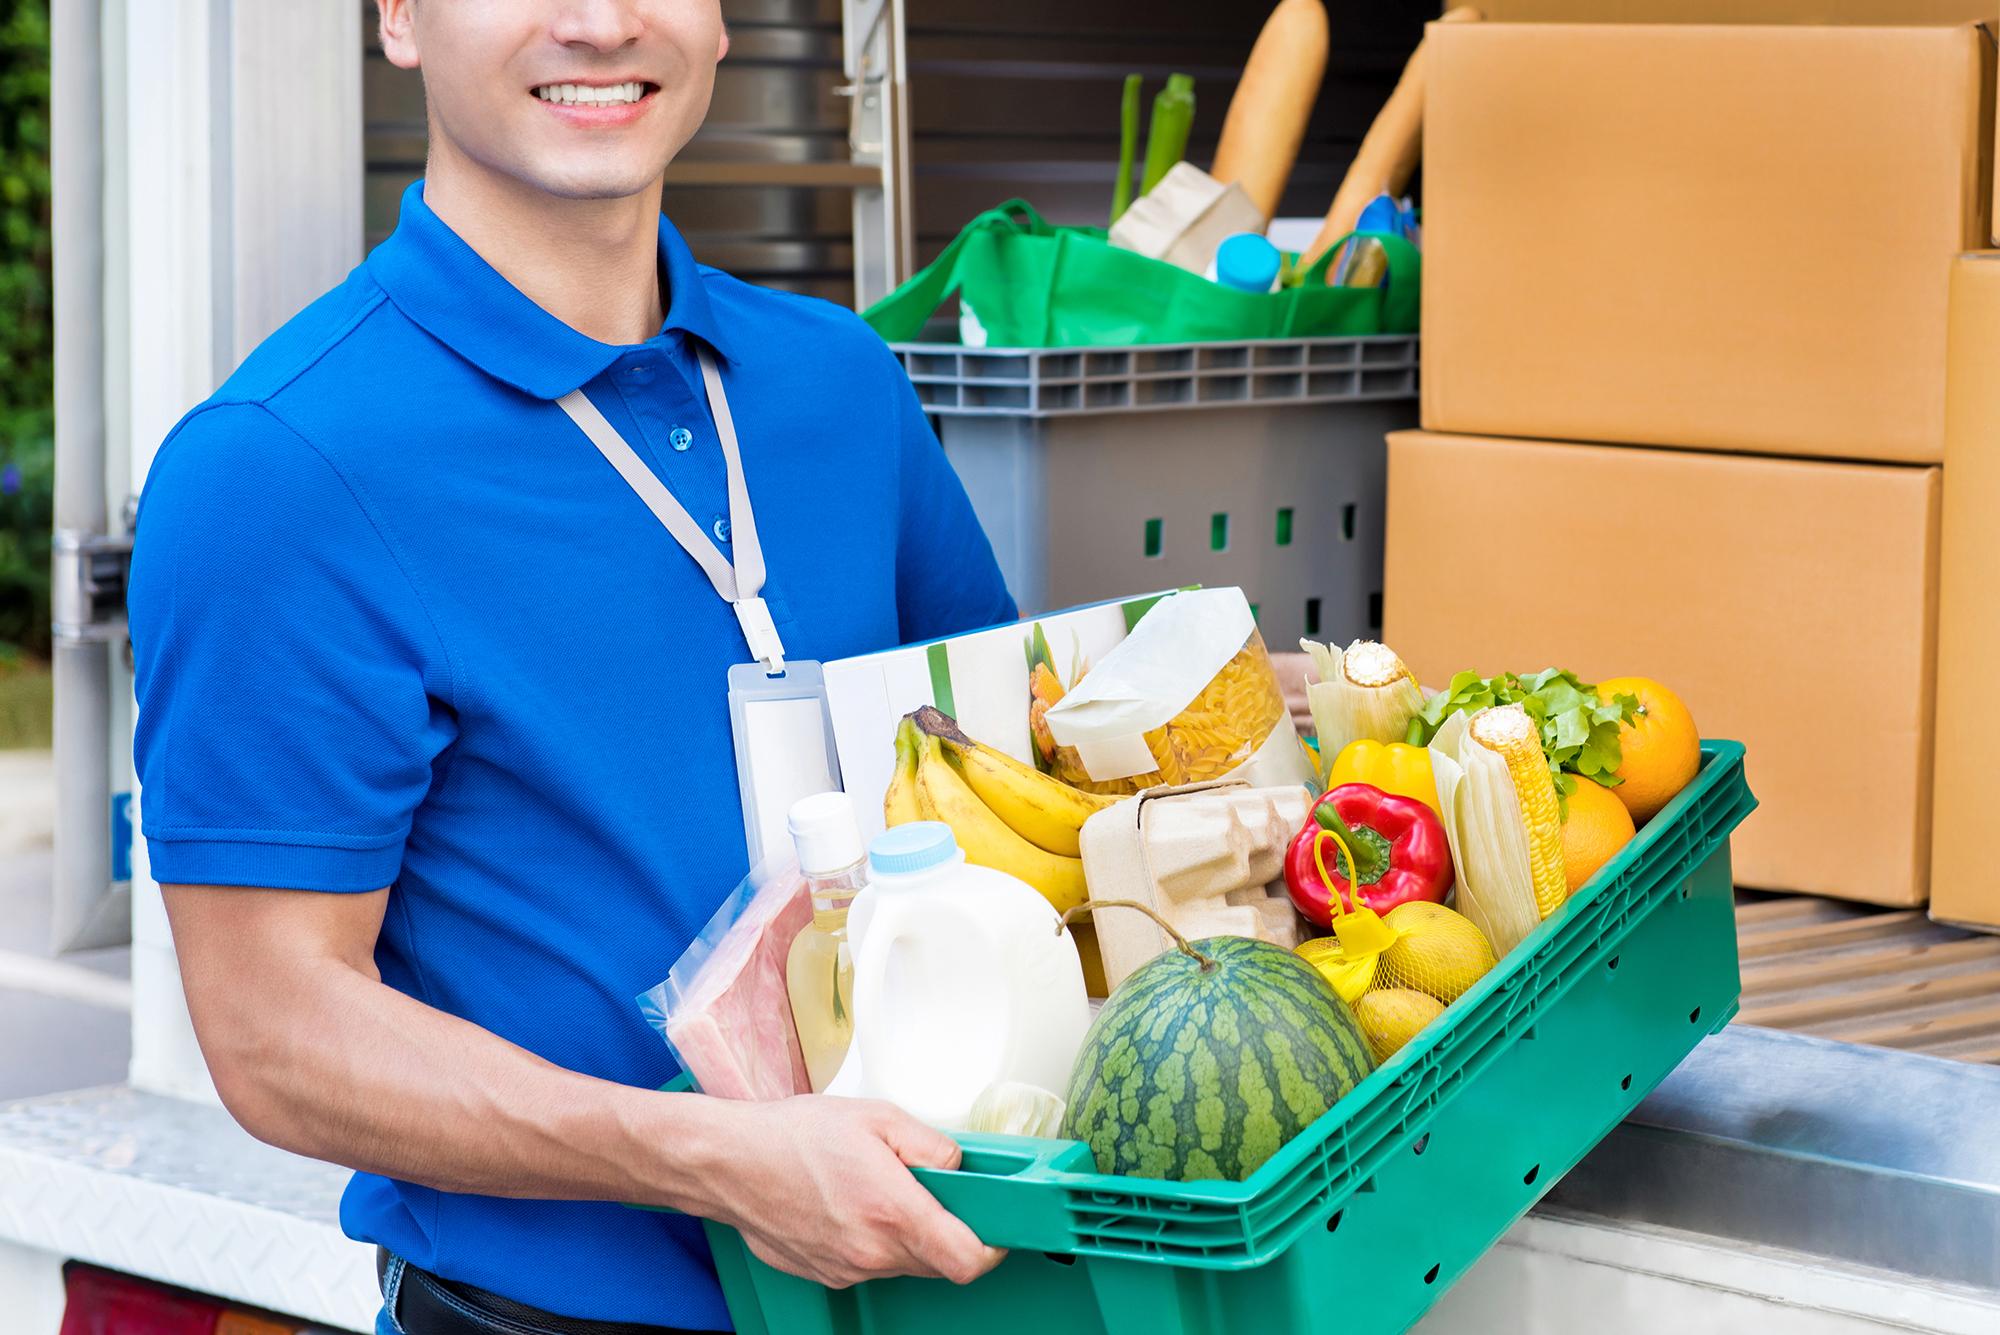 Driver delivering groceries. (Image: Shutterstock)